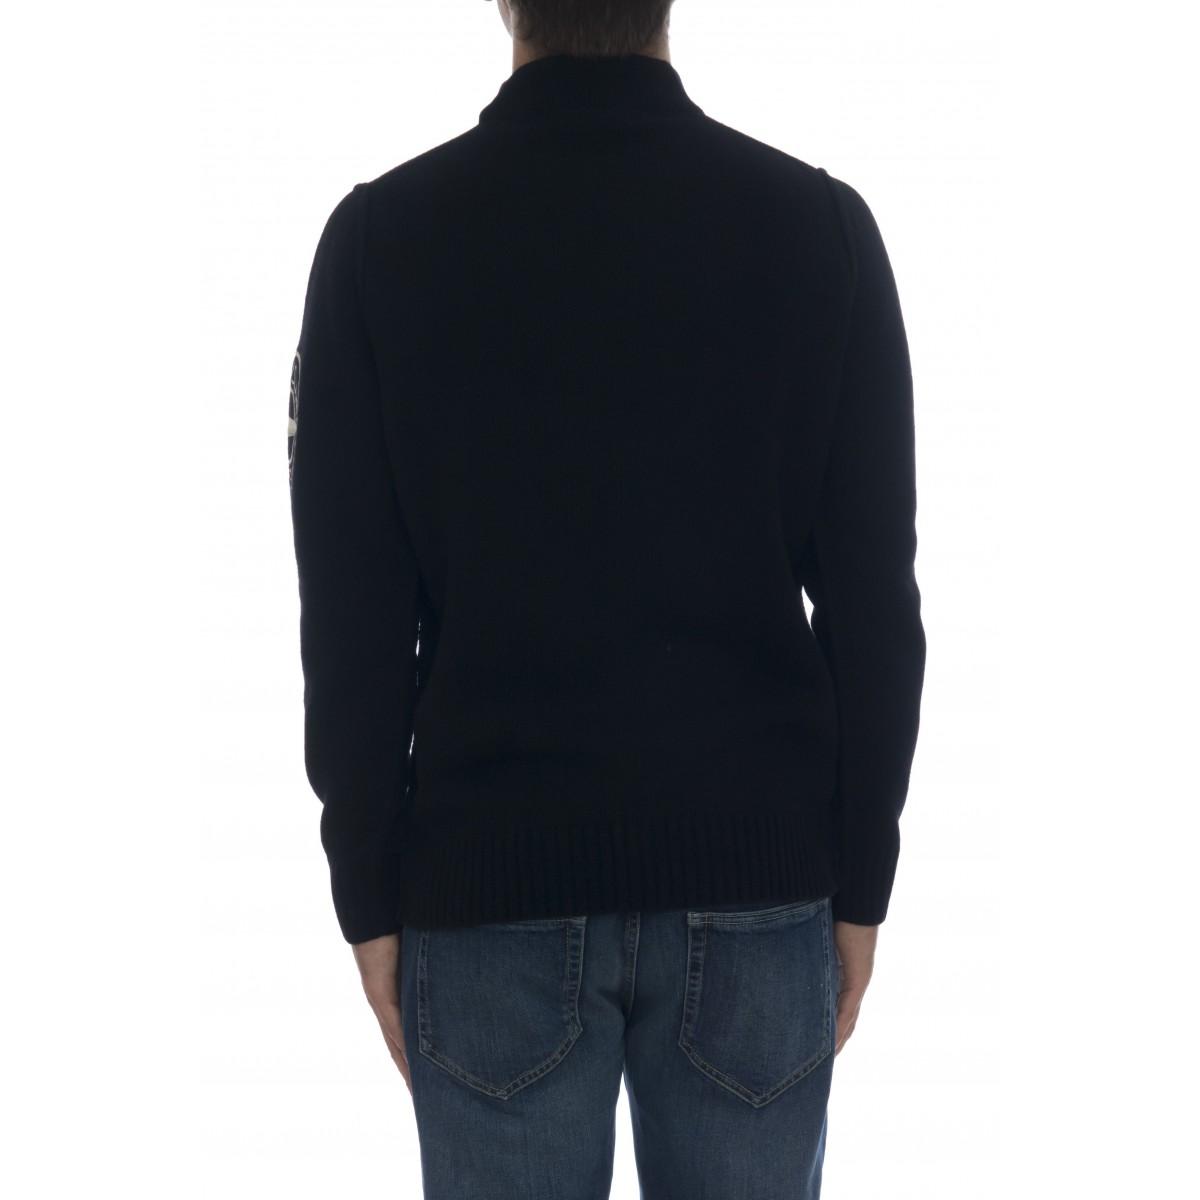 Maglia uomo - 592c7 maglia macro logo